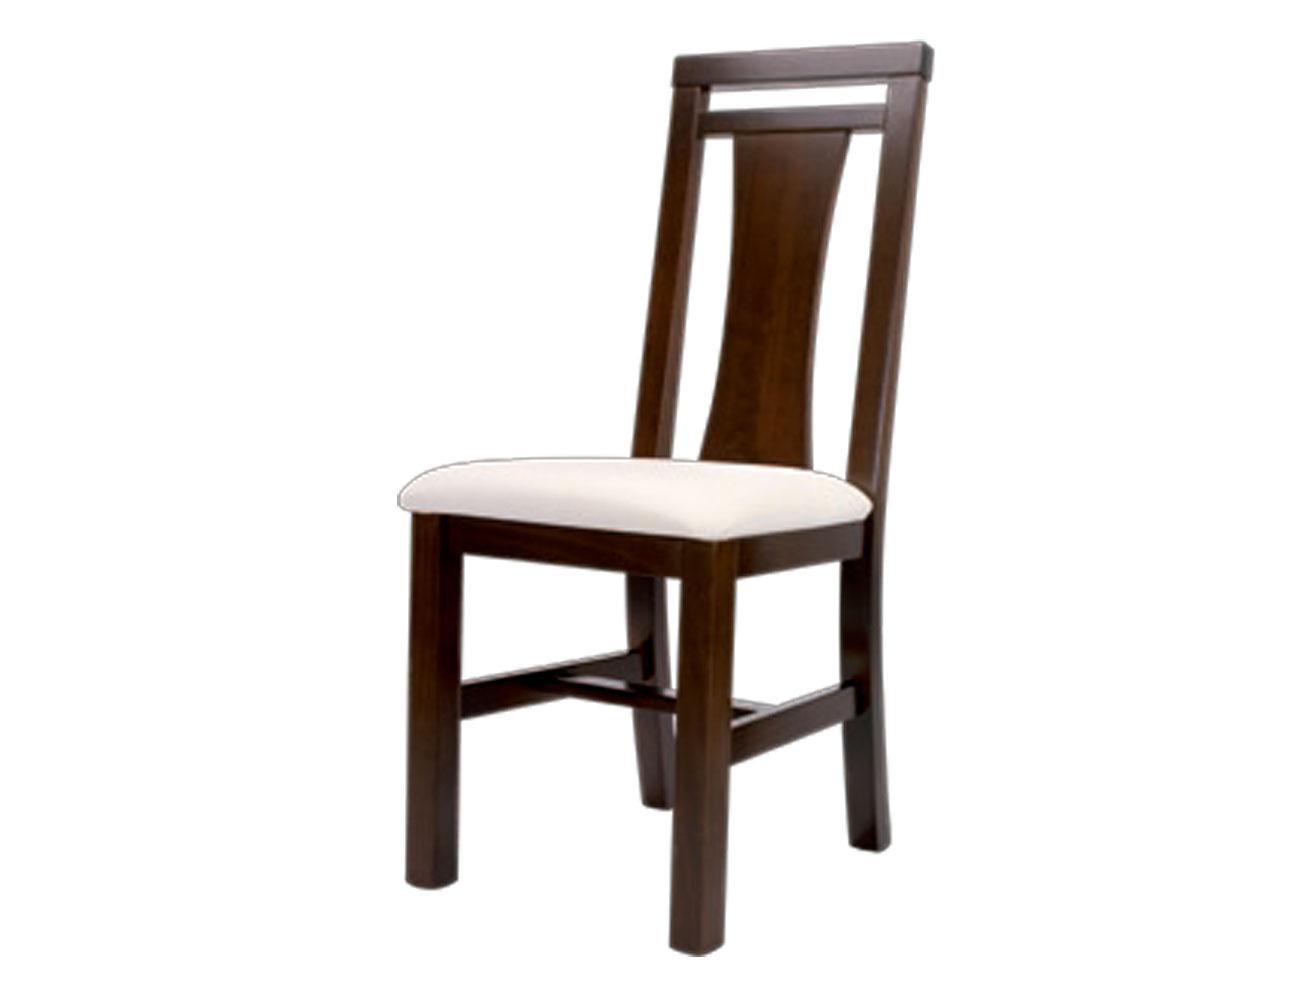 C0 55 silla madera2